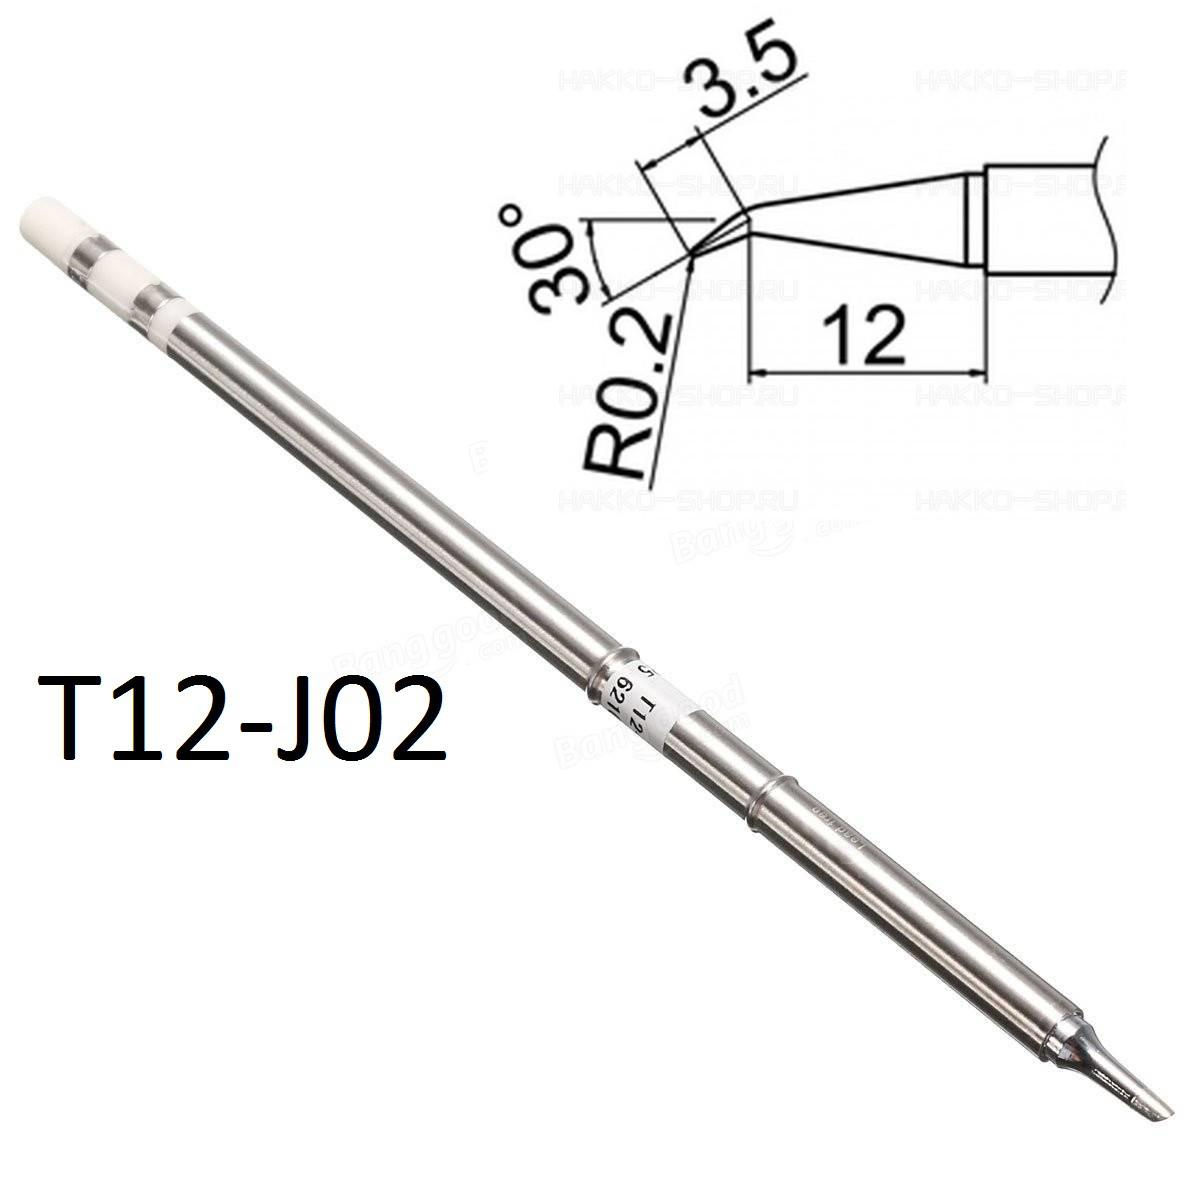 Жало для паяльника Т12 для паяльных станций T12-J02